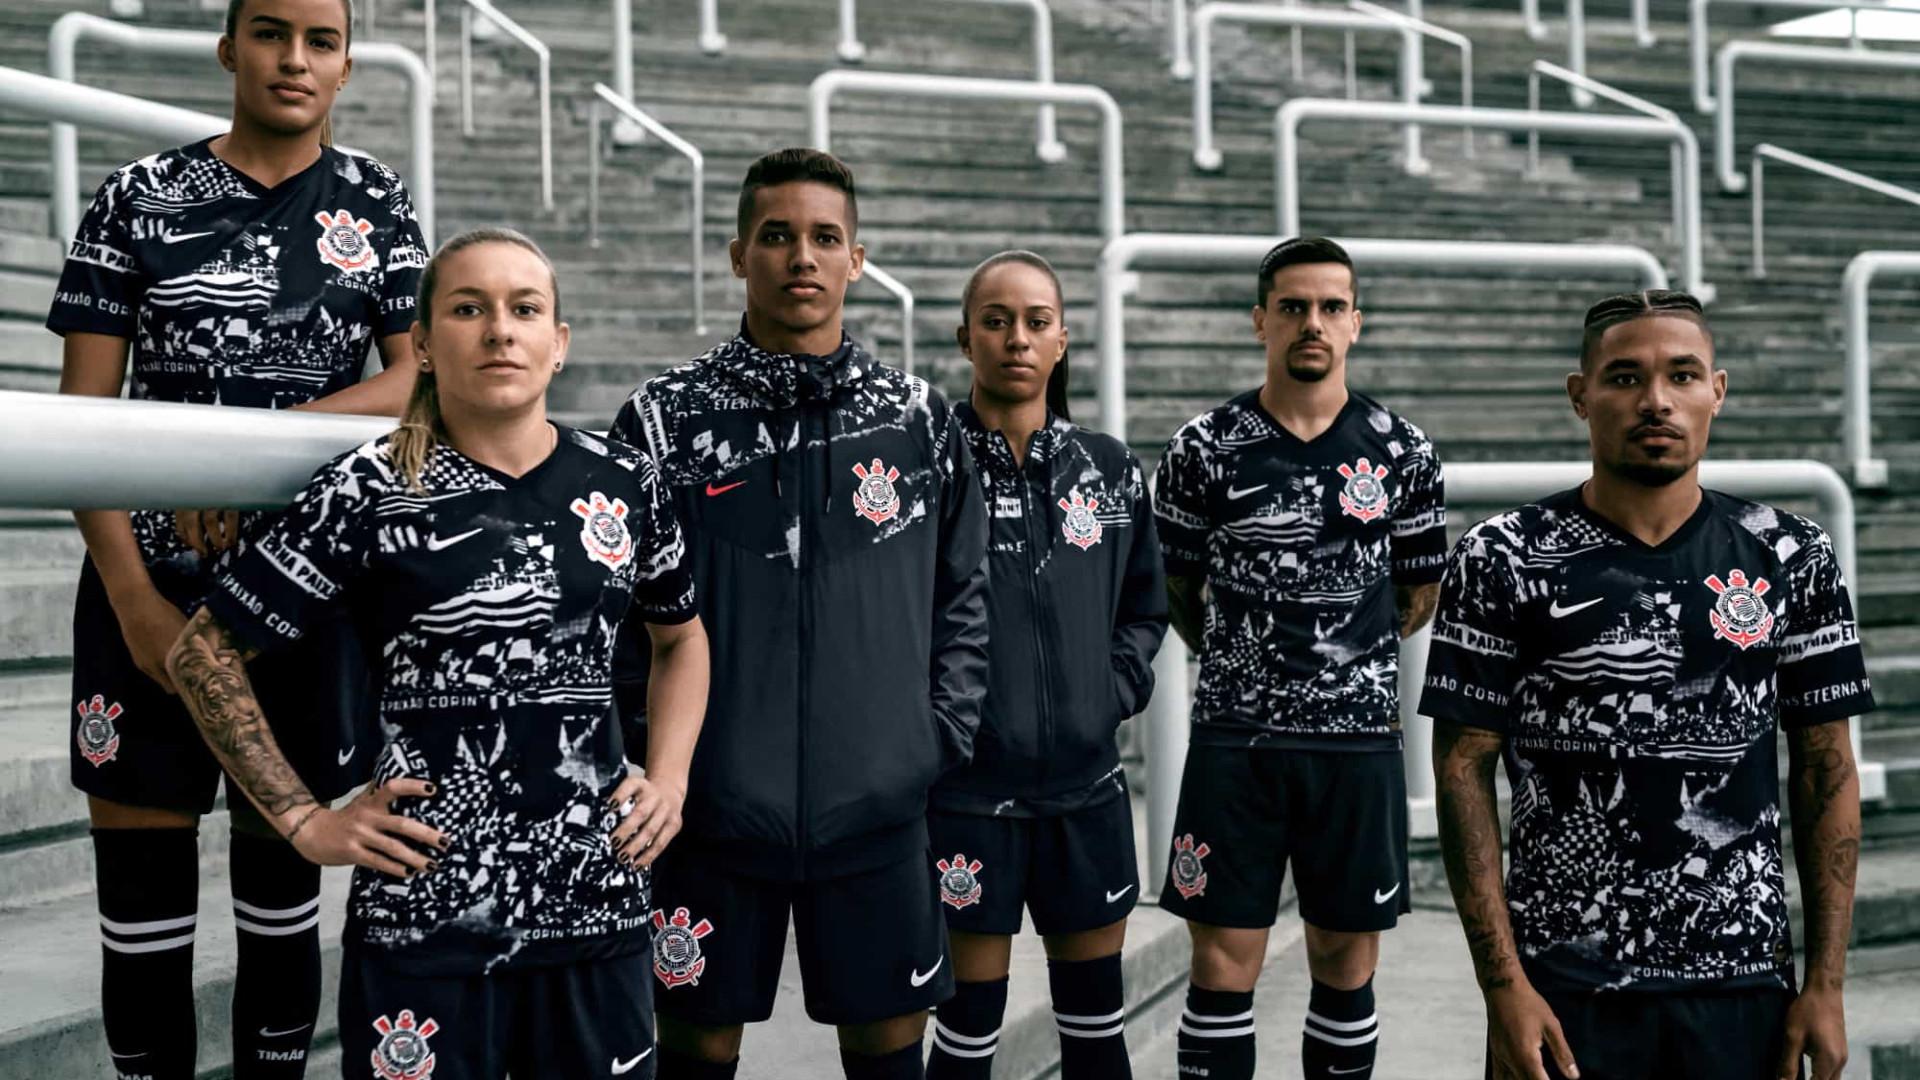 Novo uniforme do Corinthians homenageia invasões históricas da torcida